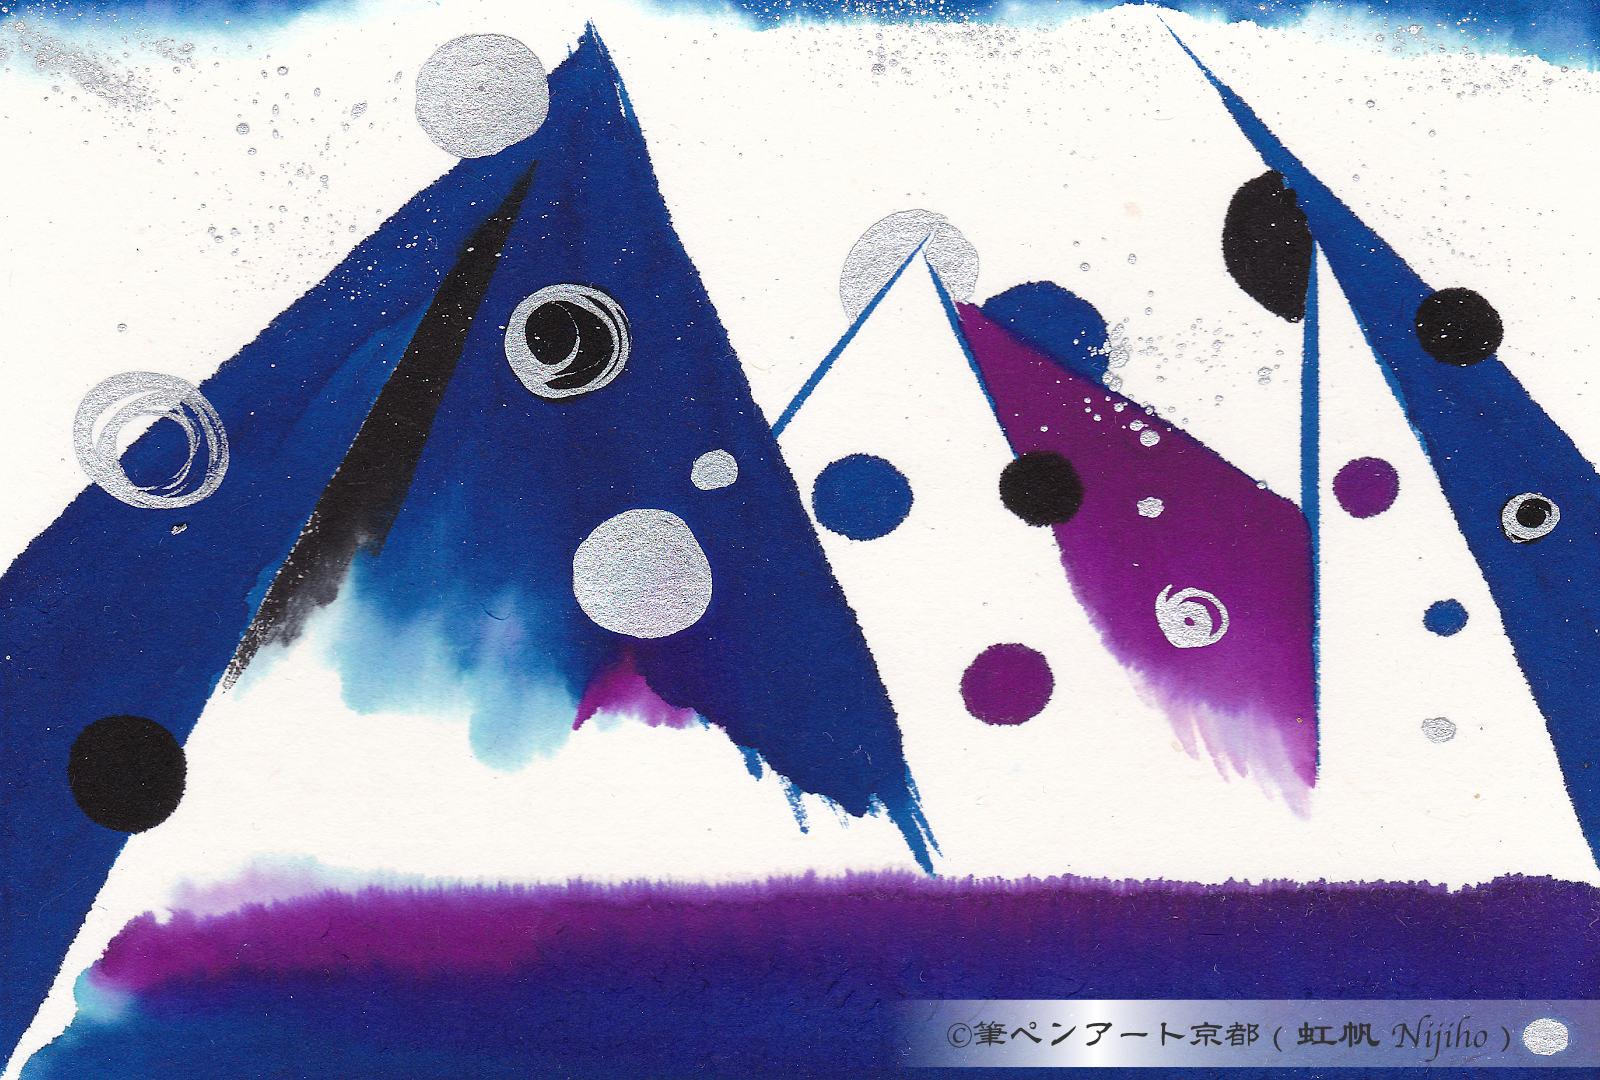 夢ロゴアート「山 — 雪 —」